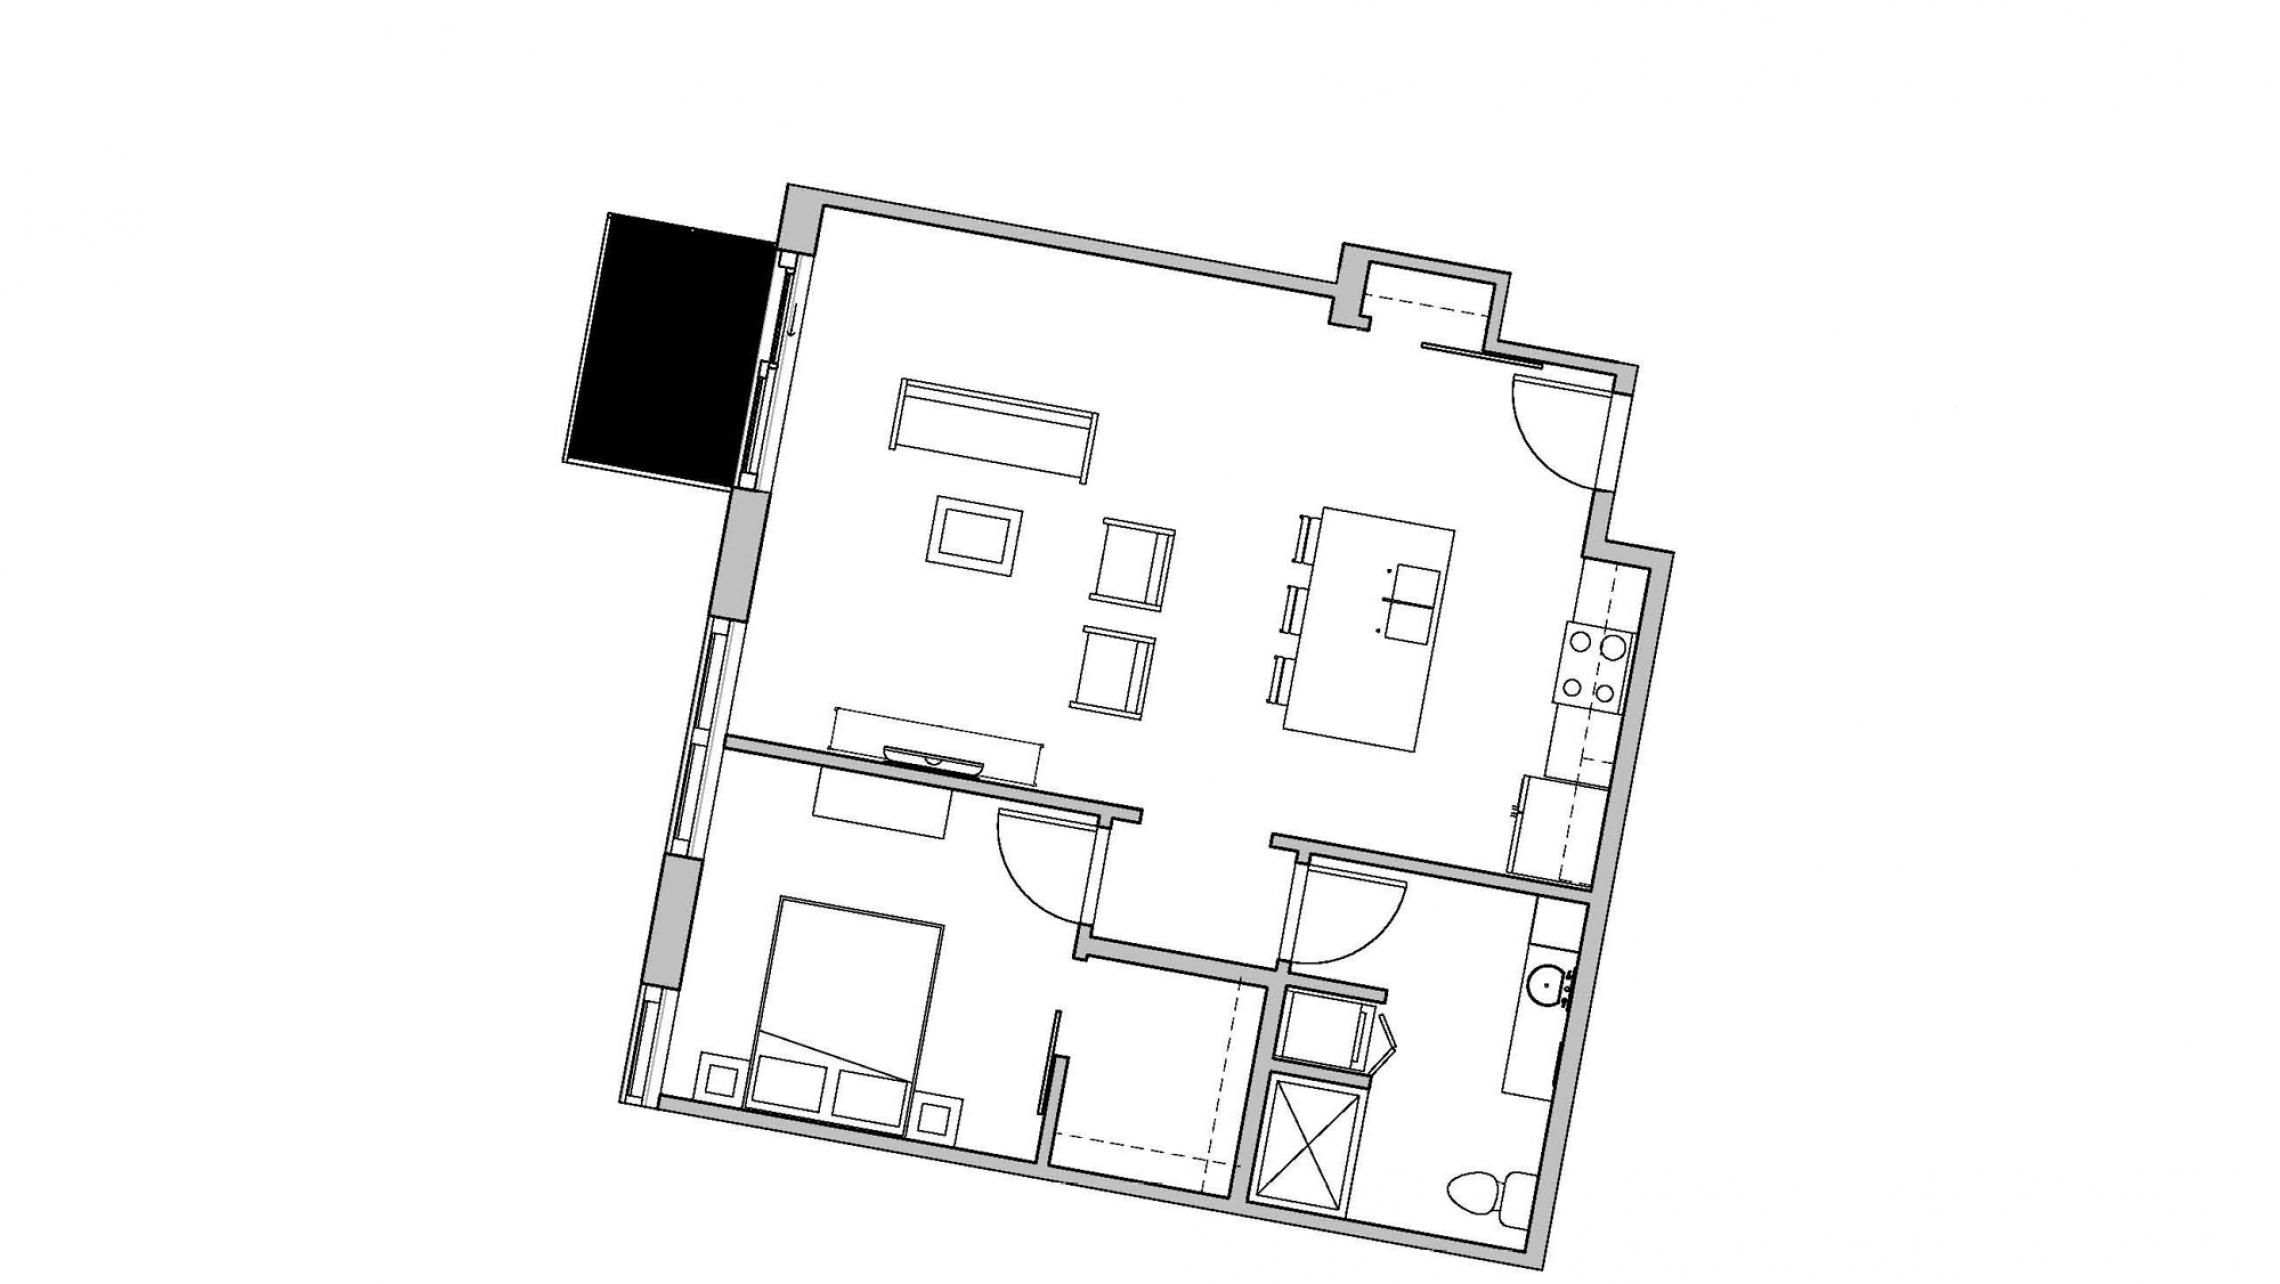 ULI Seven27 432 - One Bedroom, One Bathroom